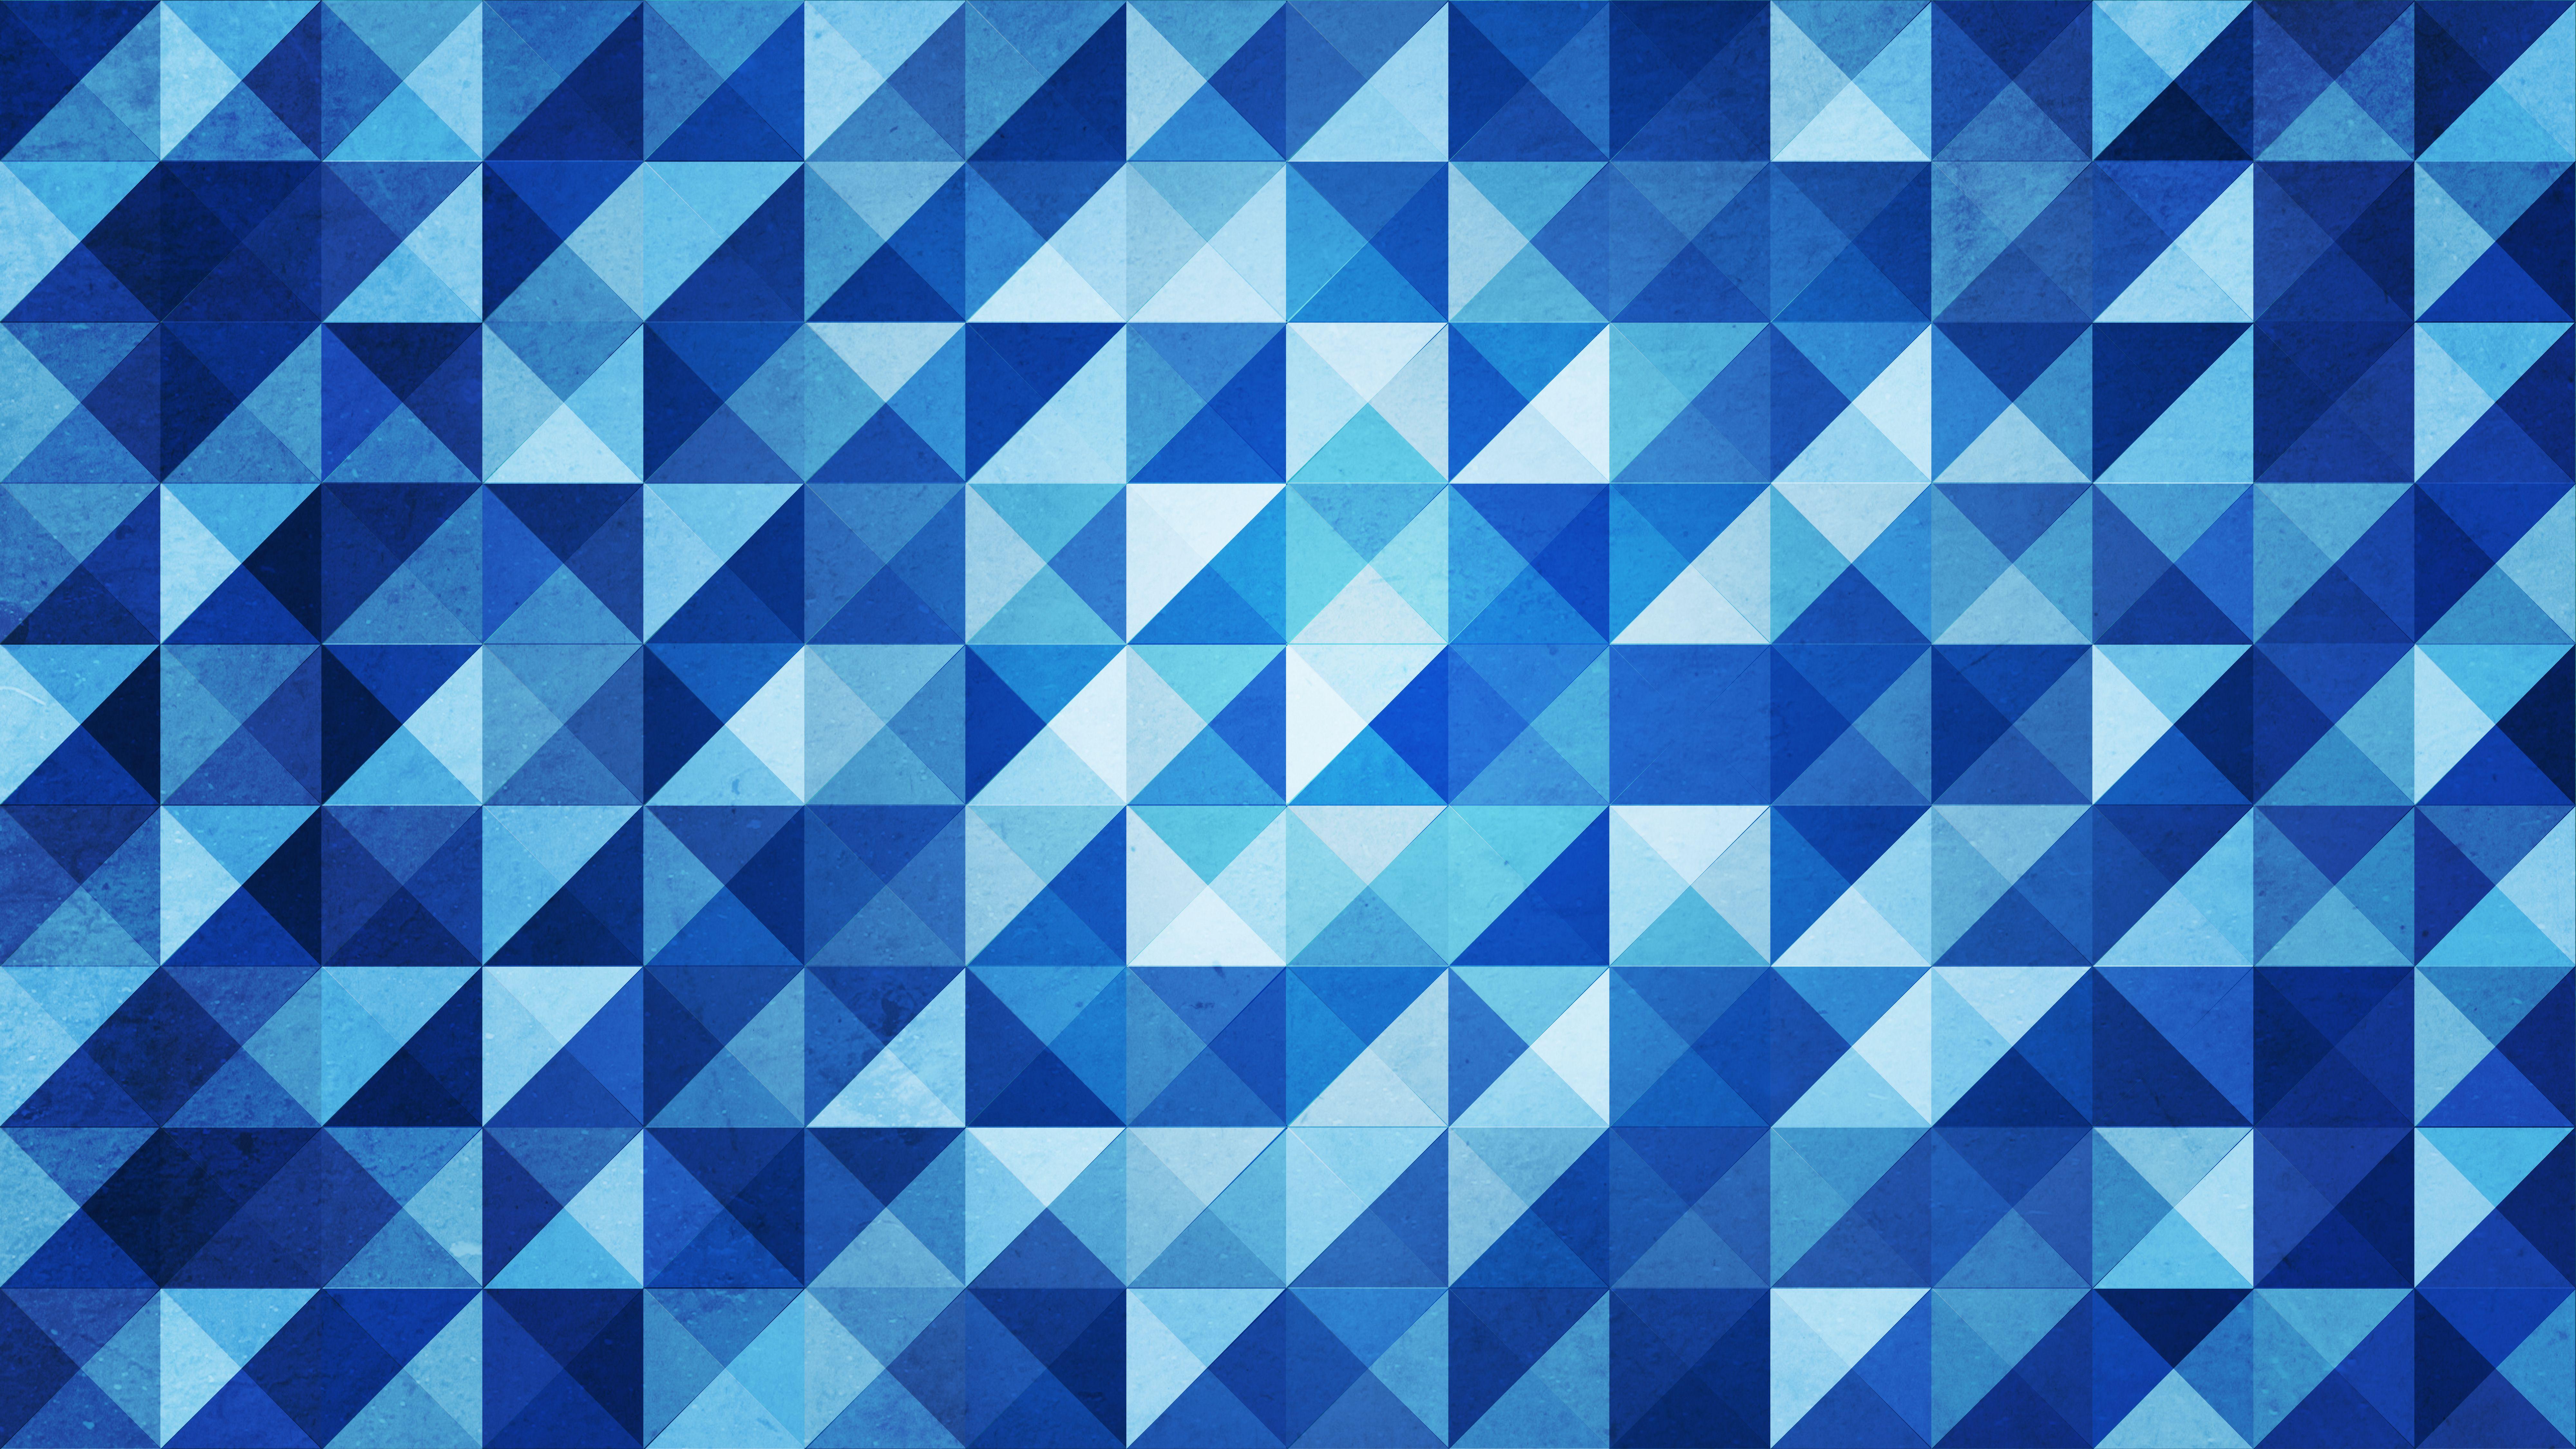 графика абстракция текстура graphics abstraction texture  № 2076273 бесплатно